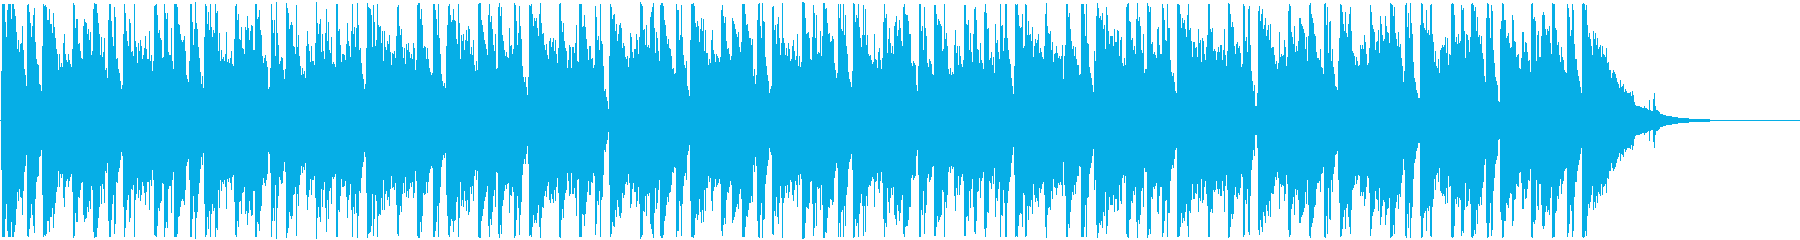 ウクレレとアコギの夏をテーマした明るい曲の再生済みの波形